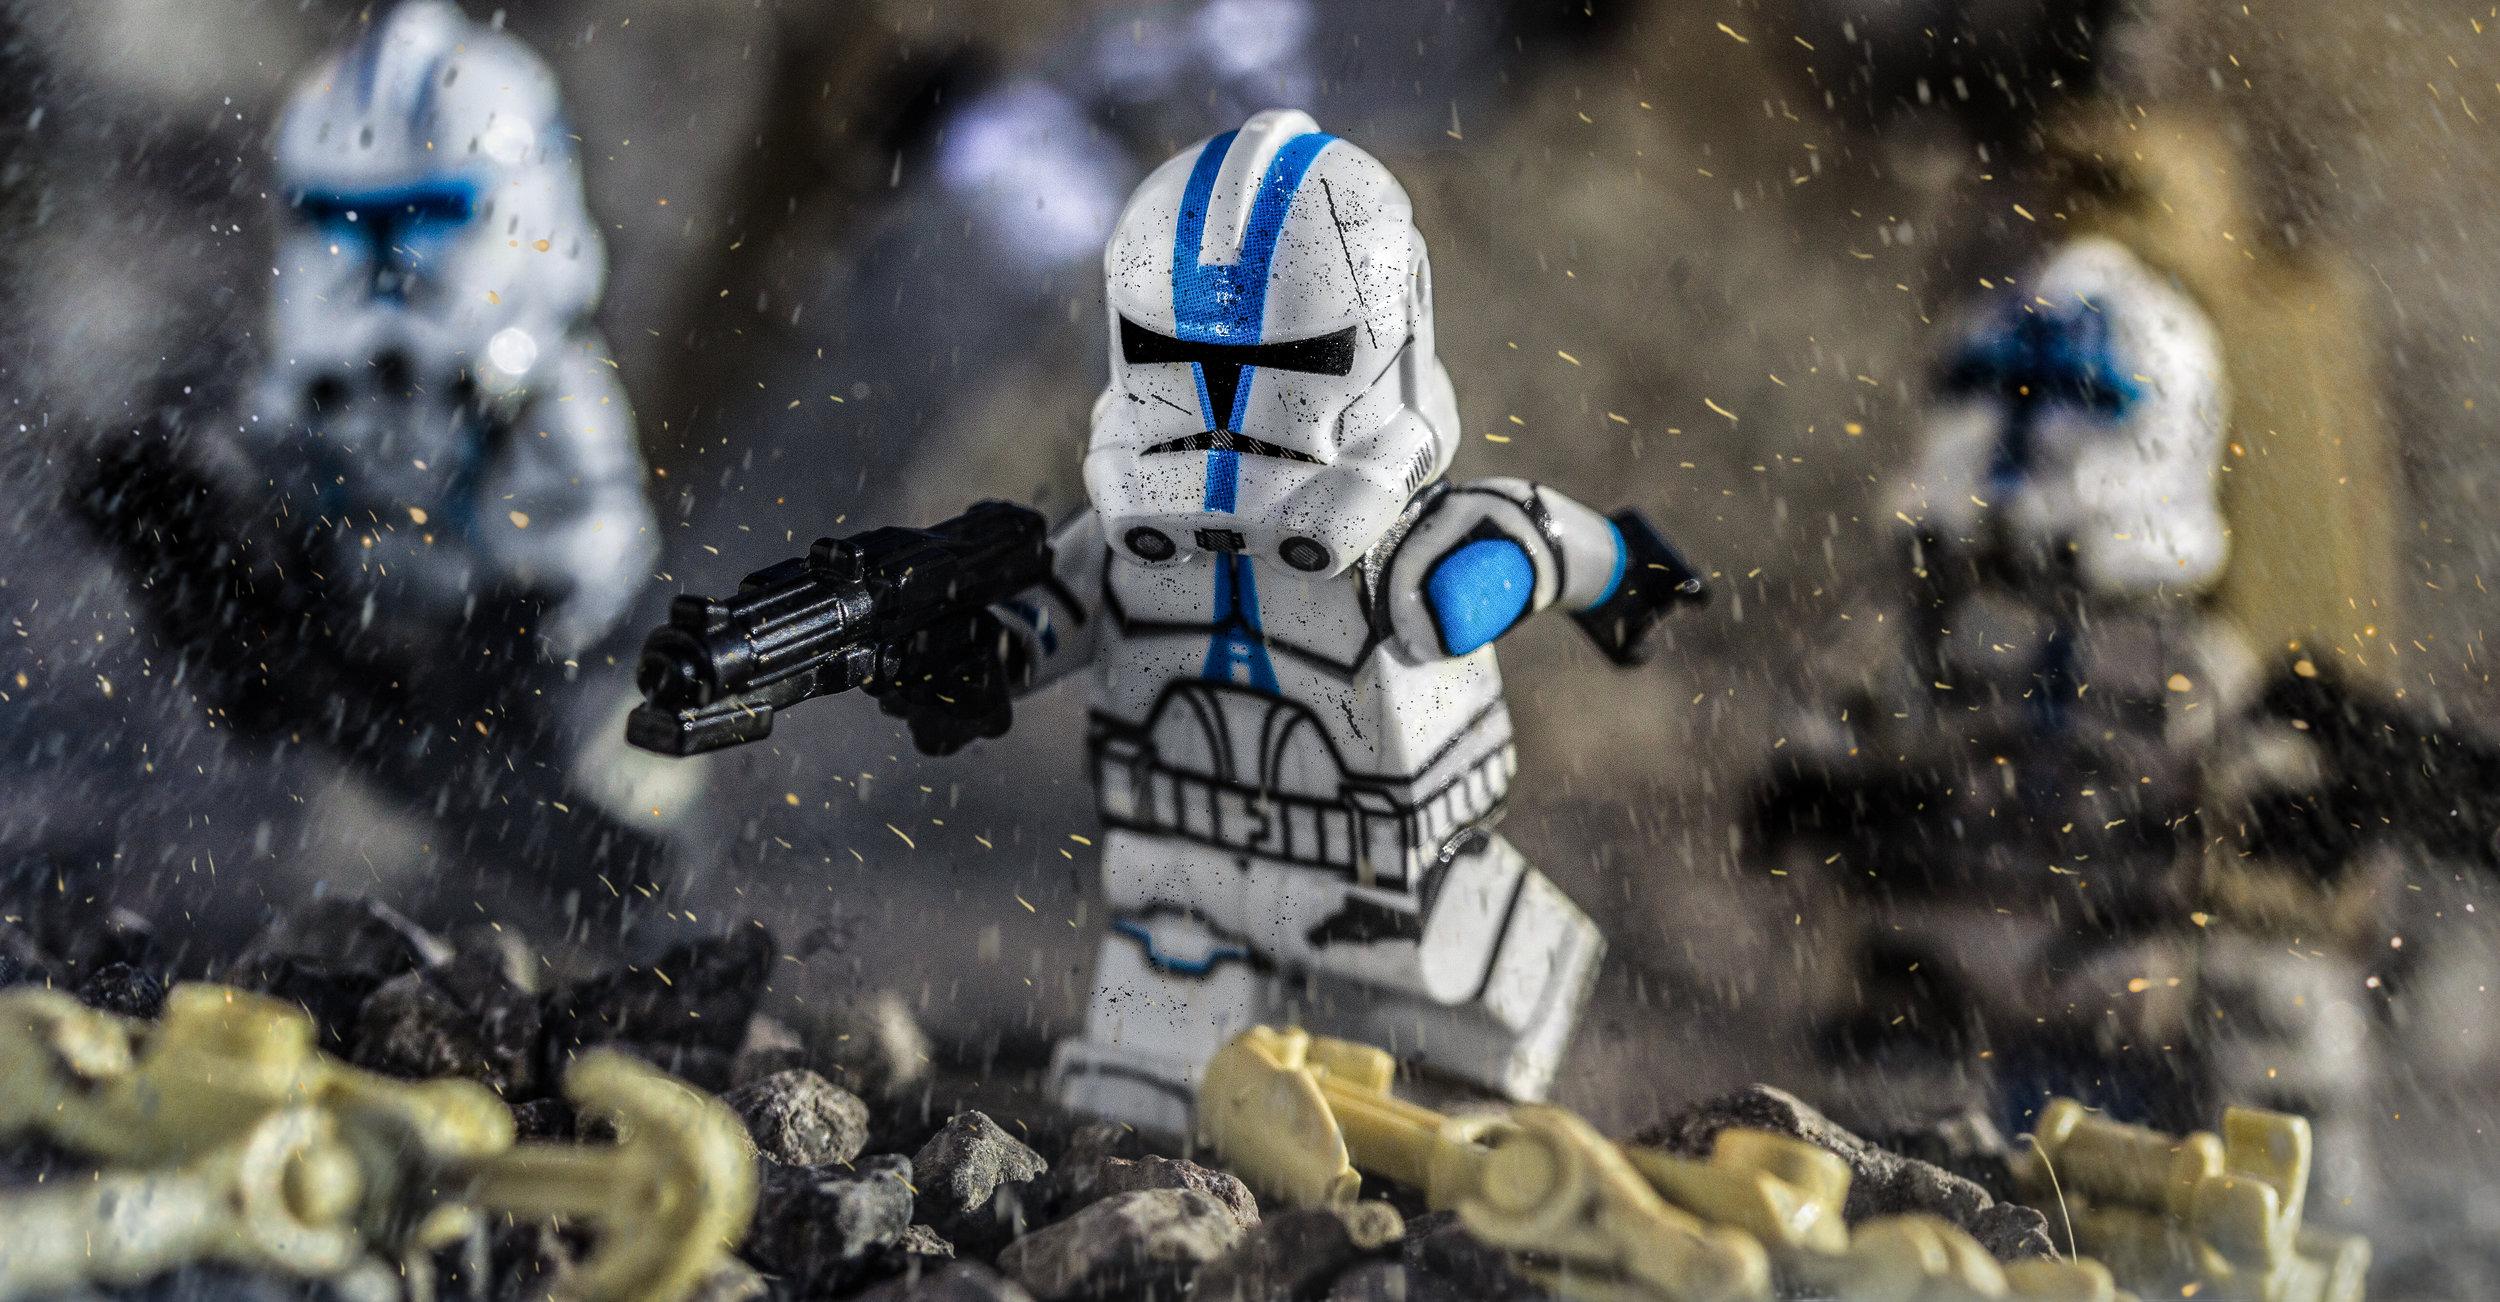 501st_Trooper-100001.jpg